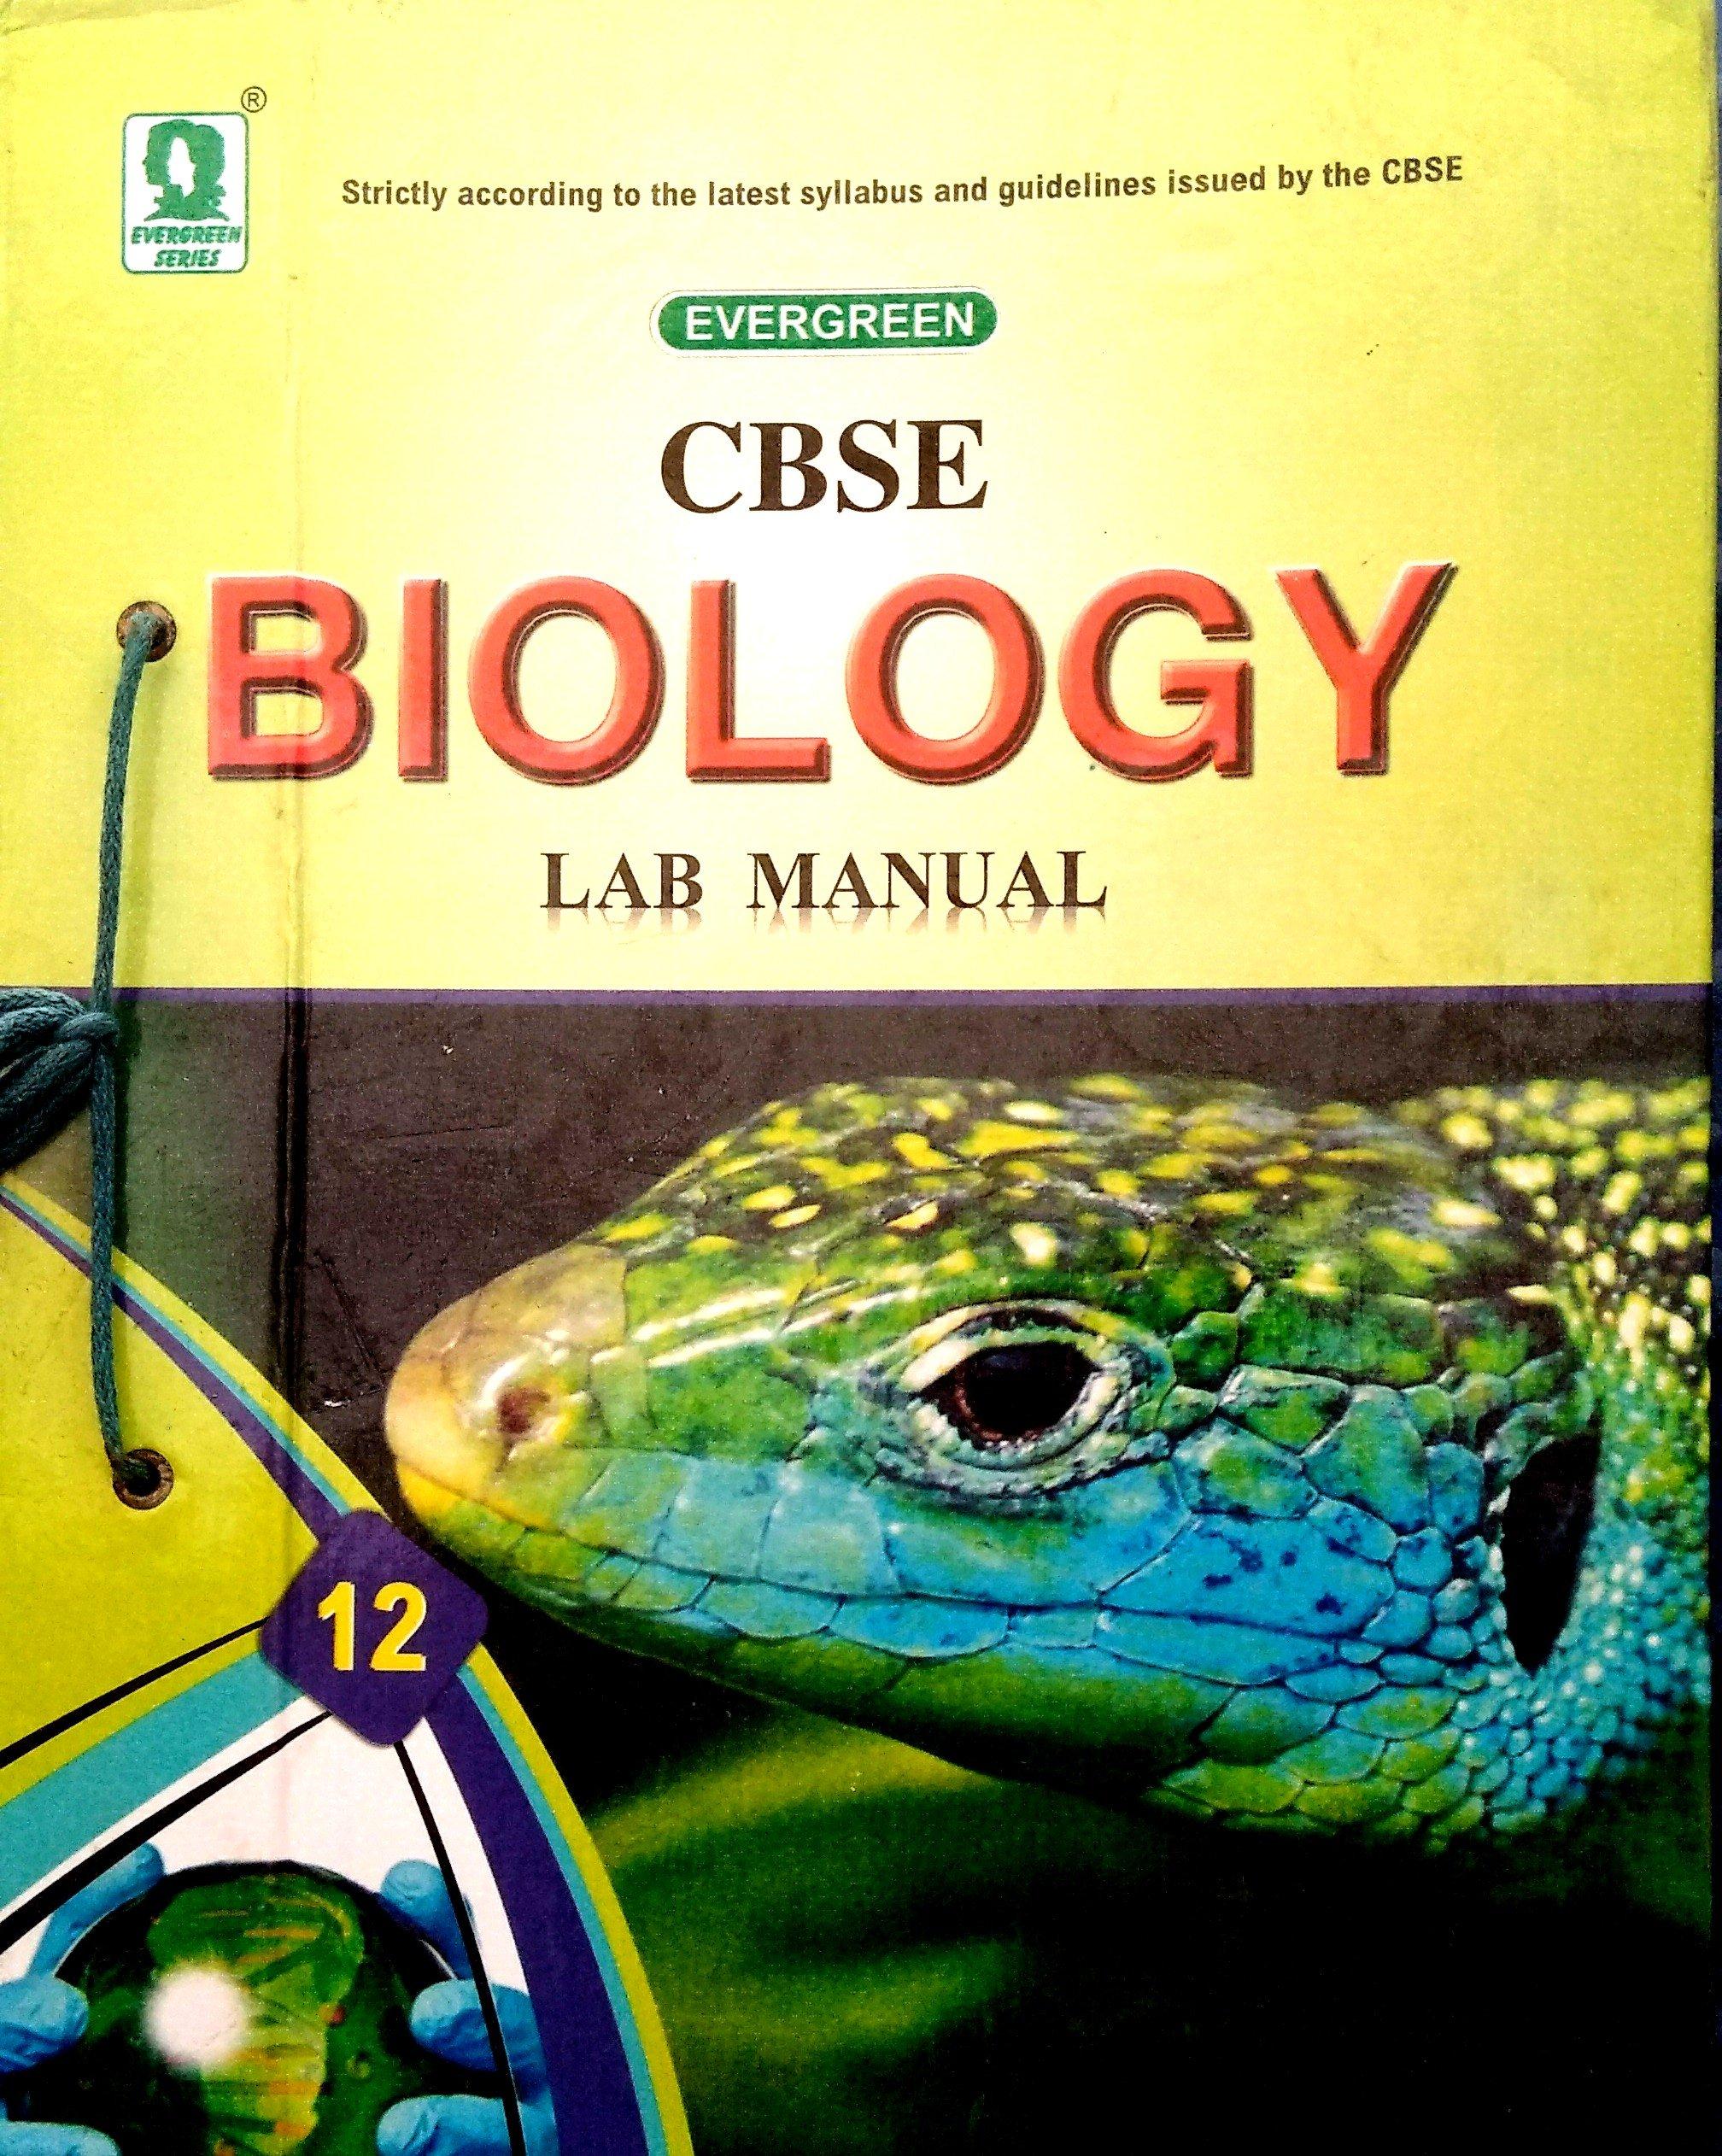 CBSE Biology Lab Manual (Class 12): Amazon.in: Raman Soni, C K Punnoose, K  K Plaha: Books